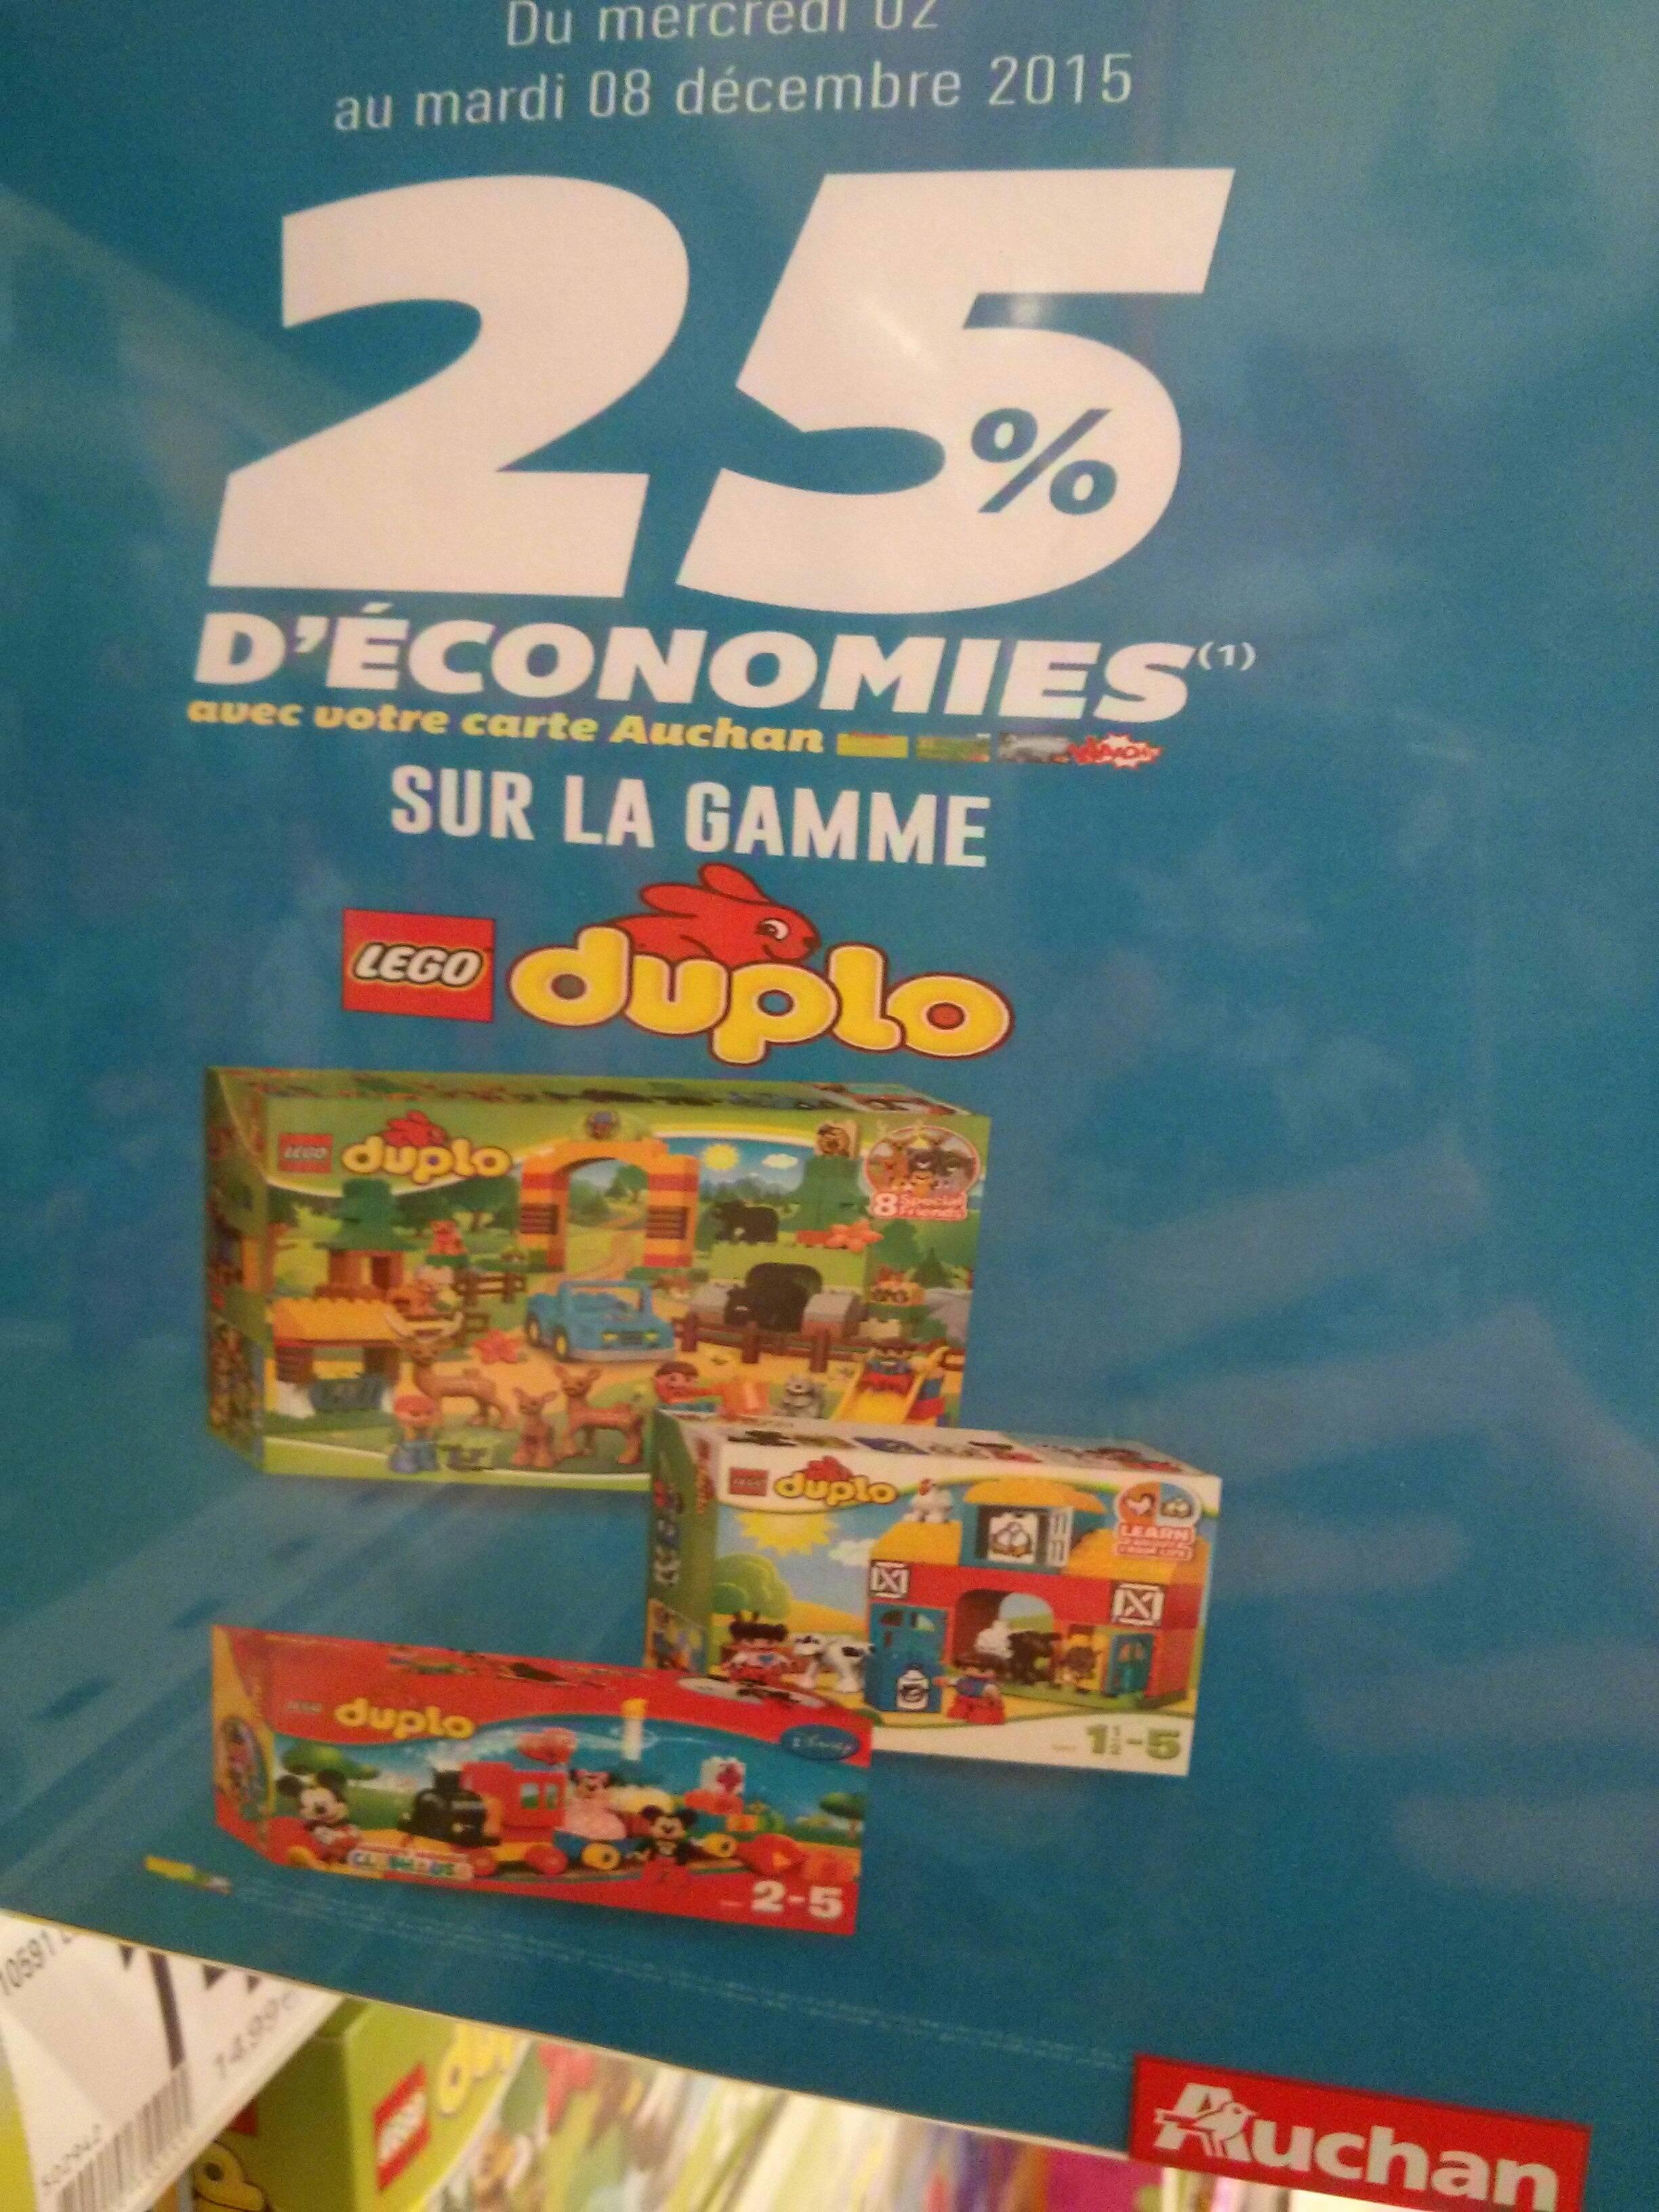 25% de remise fidélité sur une sélection de jouets Lego / Duplo (optimisation possible via shopmium)